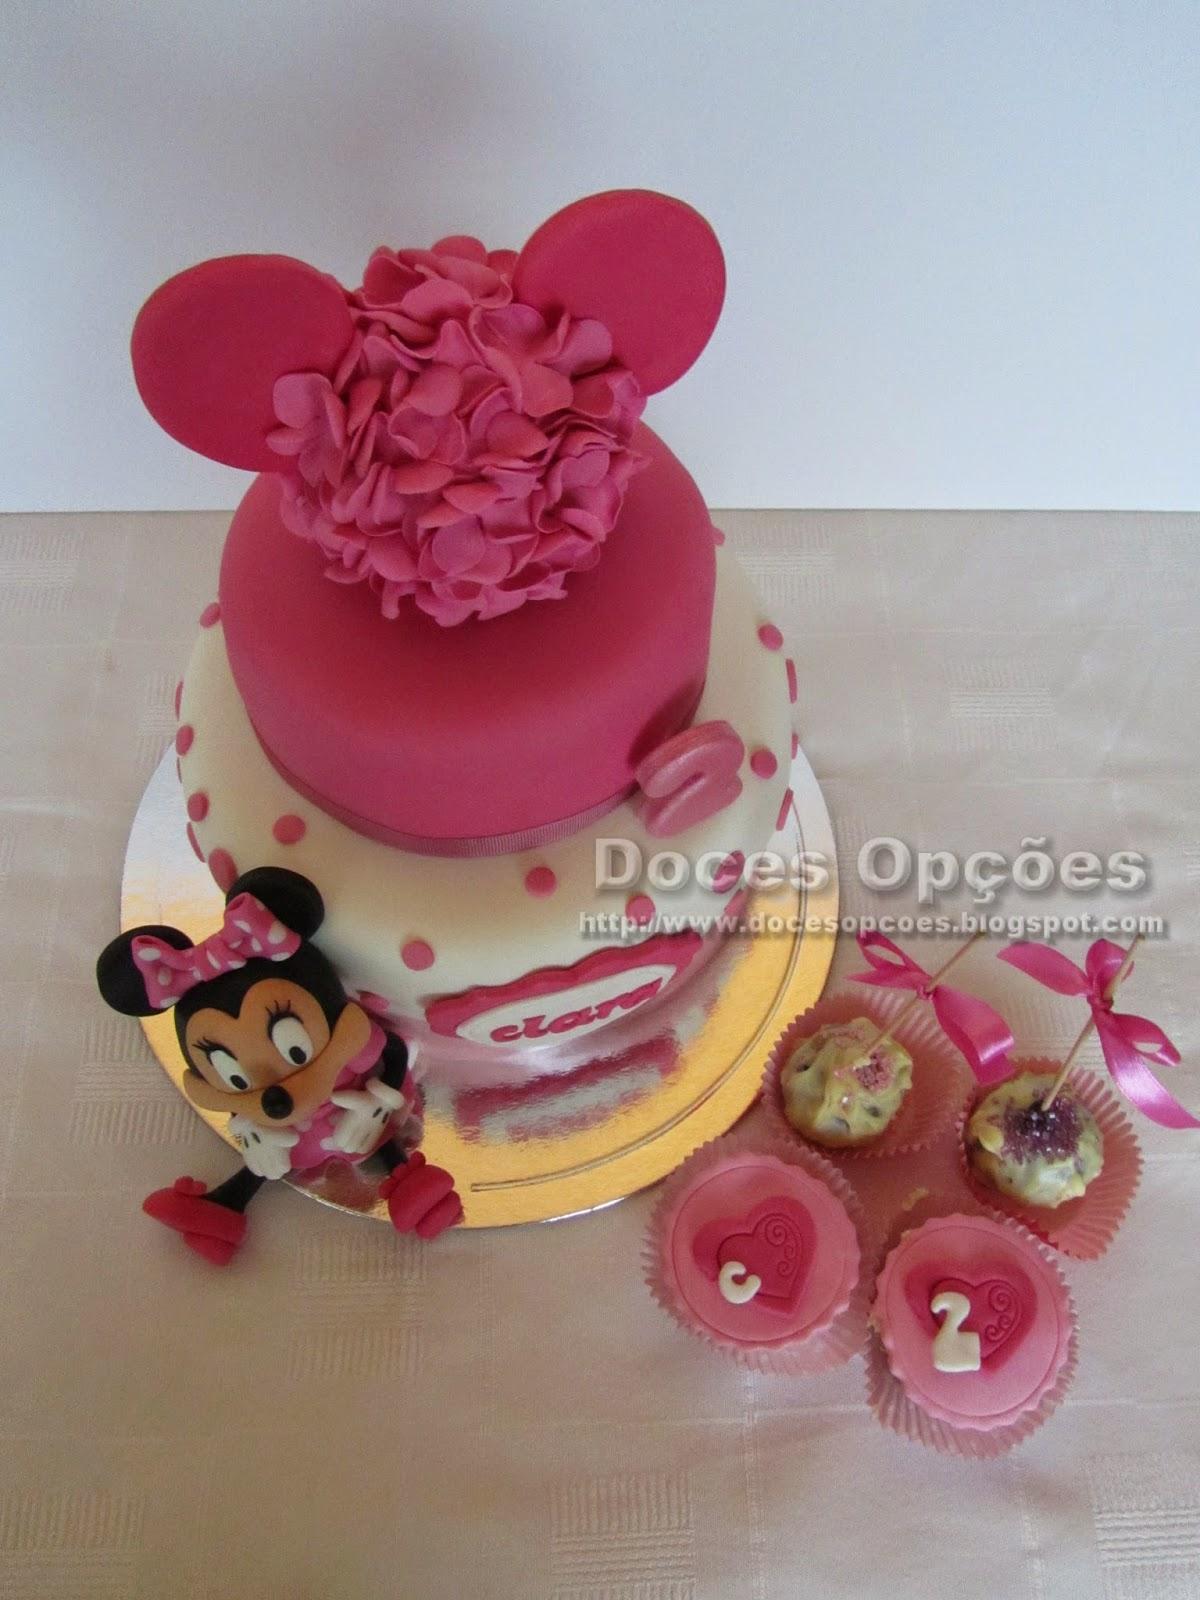 bolo cakepops cupcakes bragança